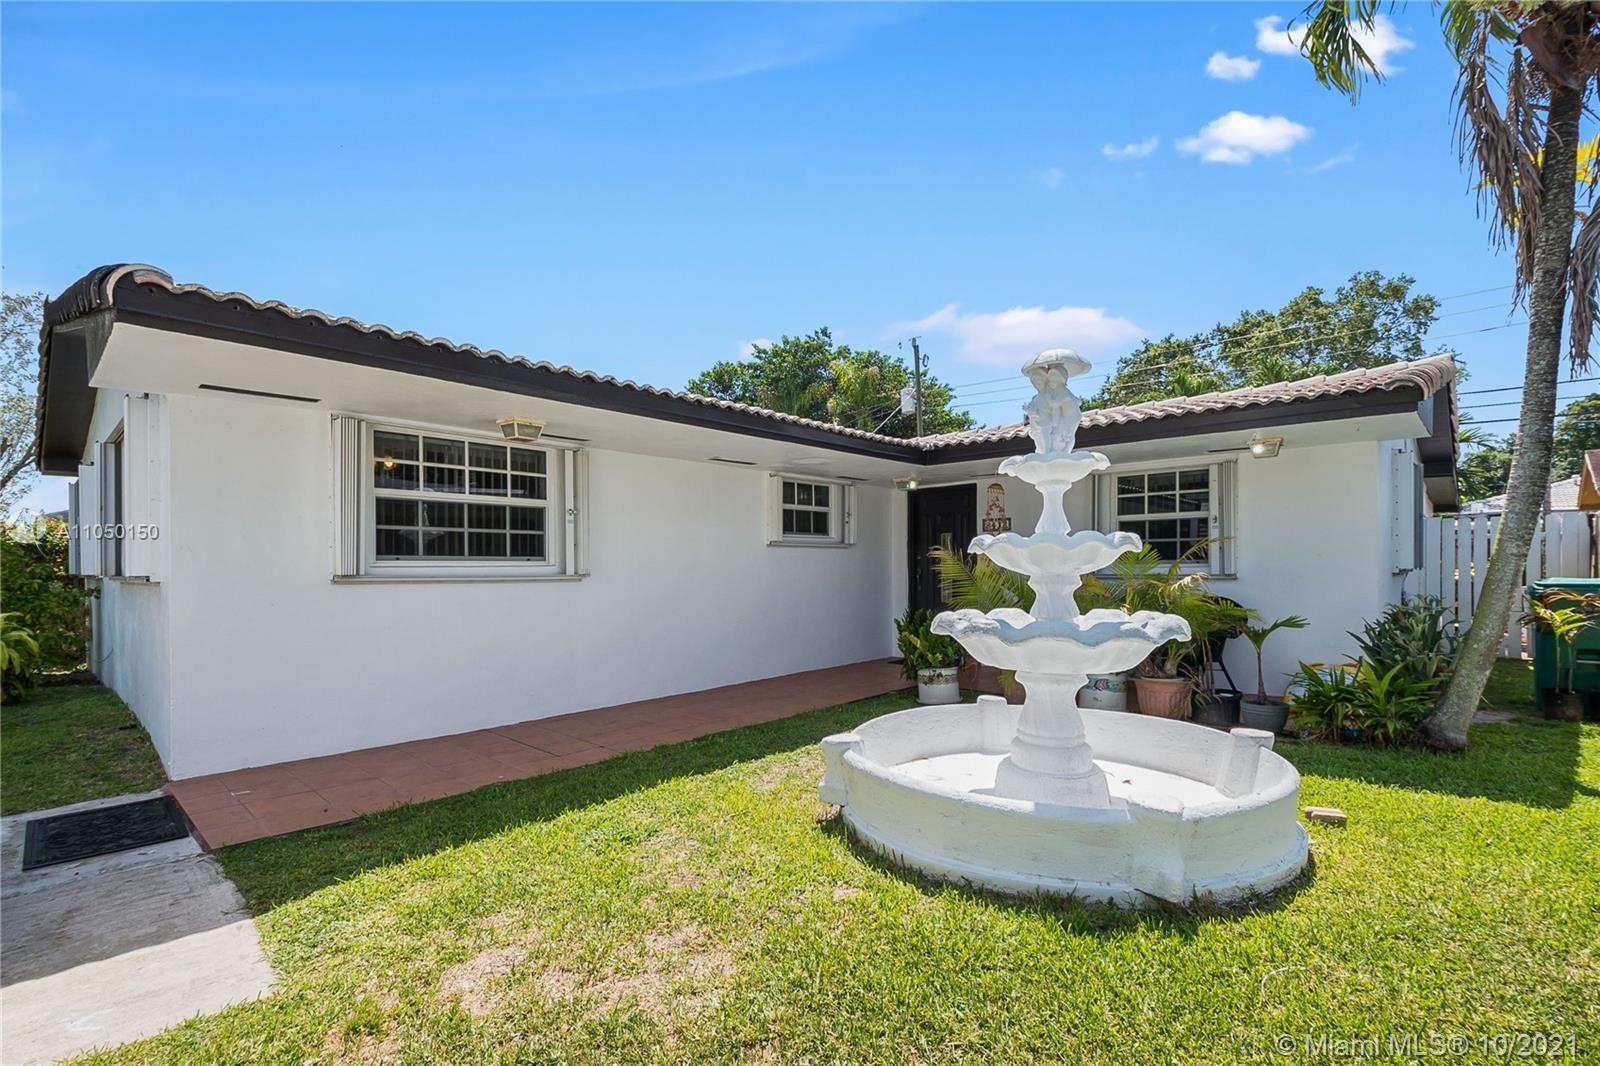 3411 SW 73rd Avenue Rd, Miami, FL 33155 - #: A11050150